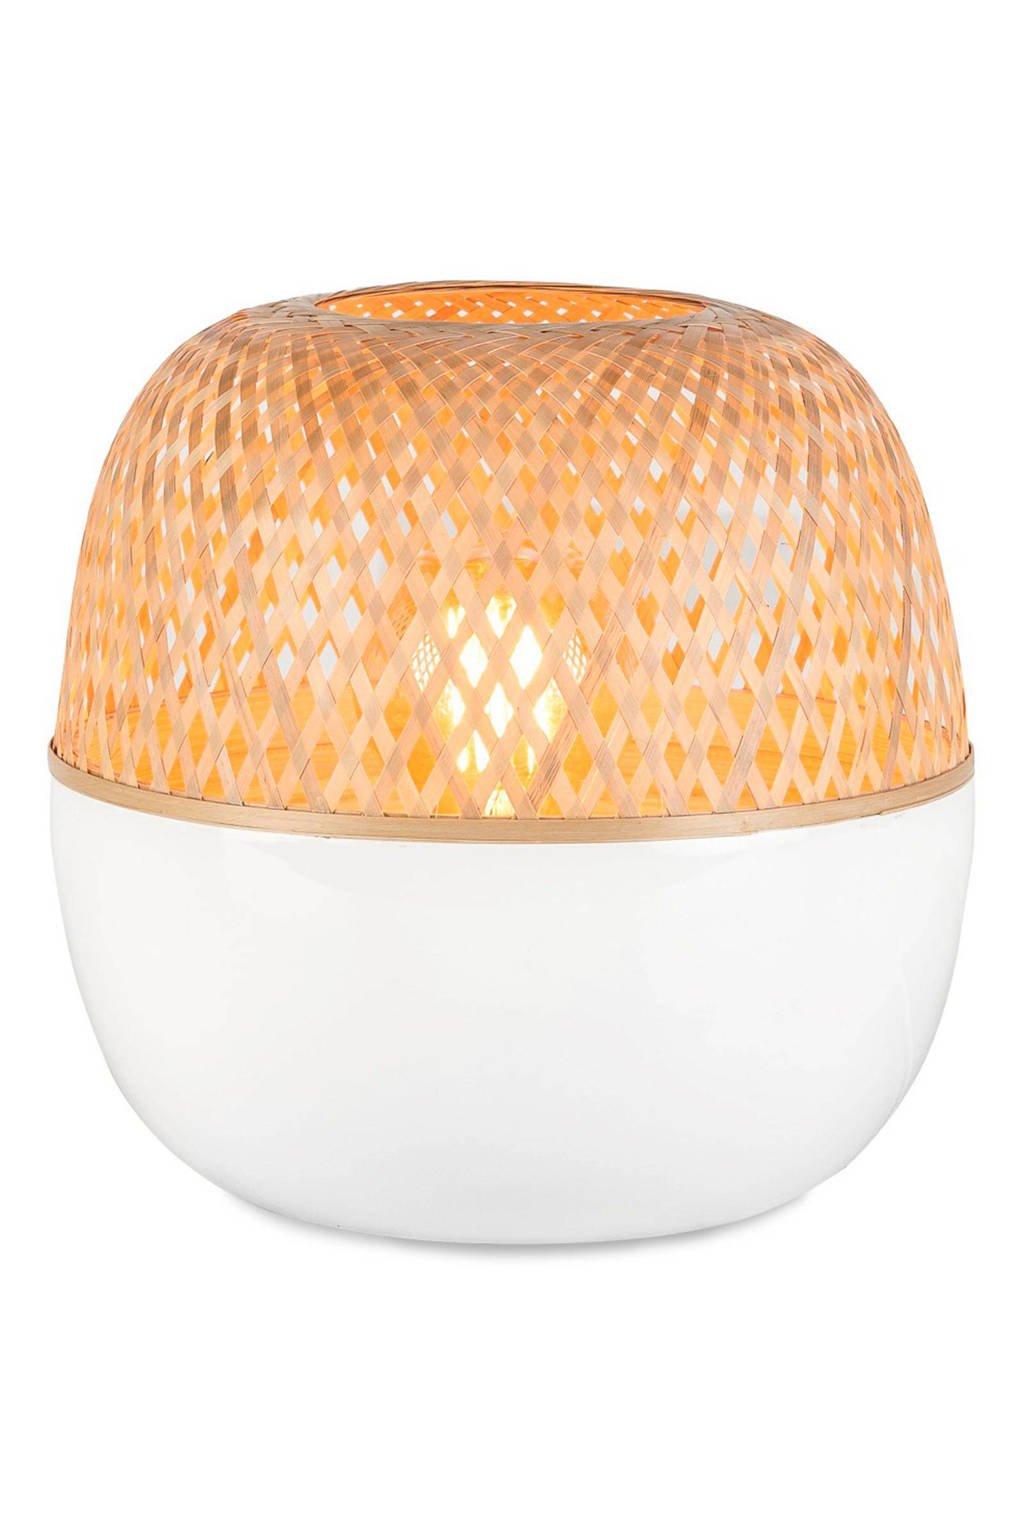 Good&Mojo tafellamp Mekong, 25x29 cm